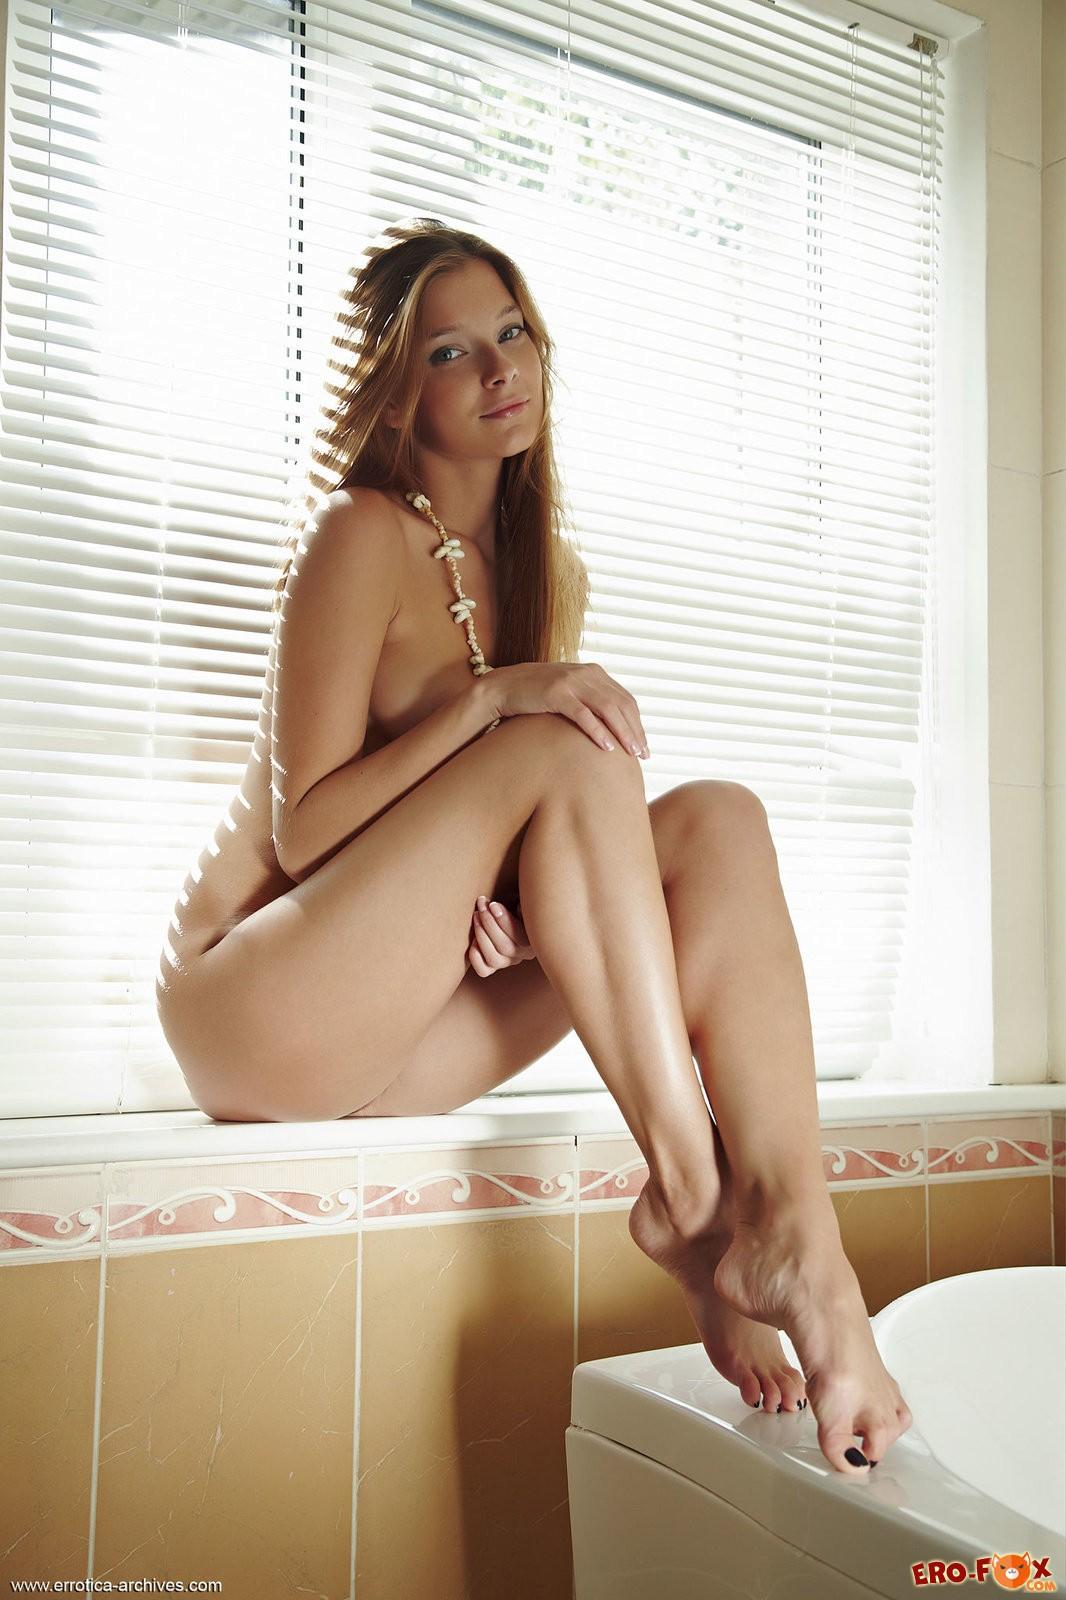 Красивая голая девушка в ванной комнате